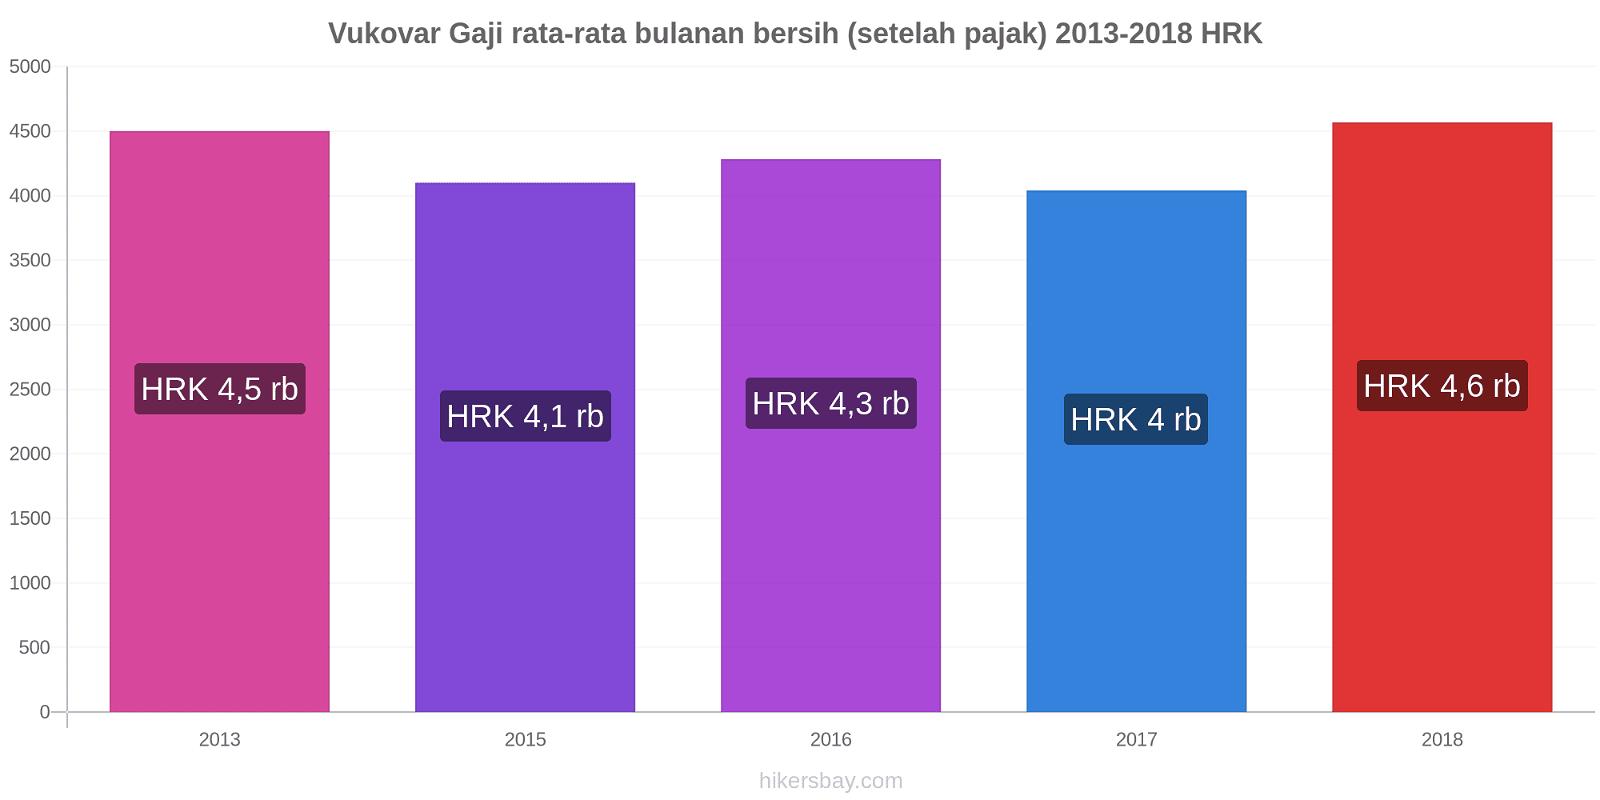 Vukovar perubahan harga Gaji rata-rata bulanan bersih (setelah pajak) hikersbay.com